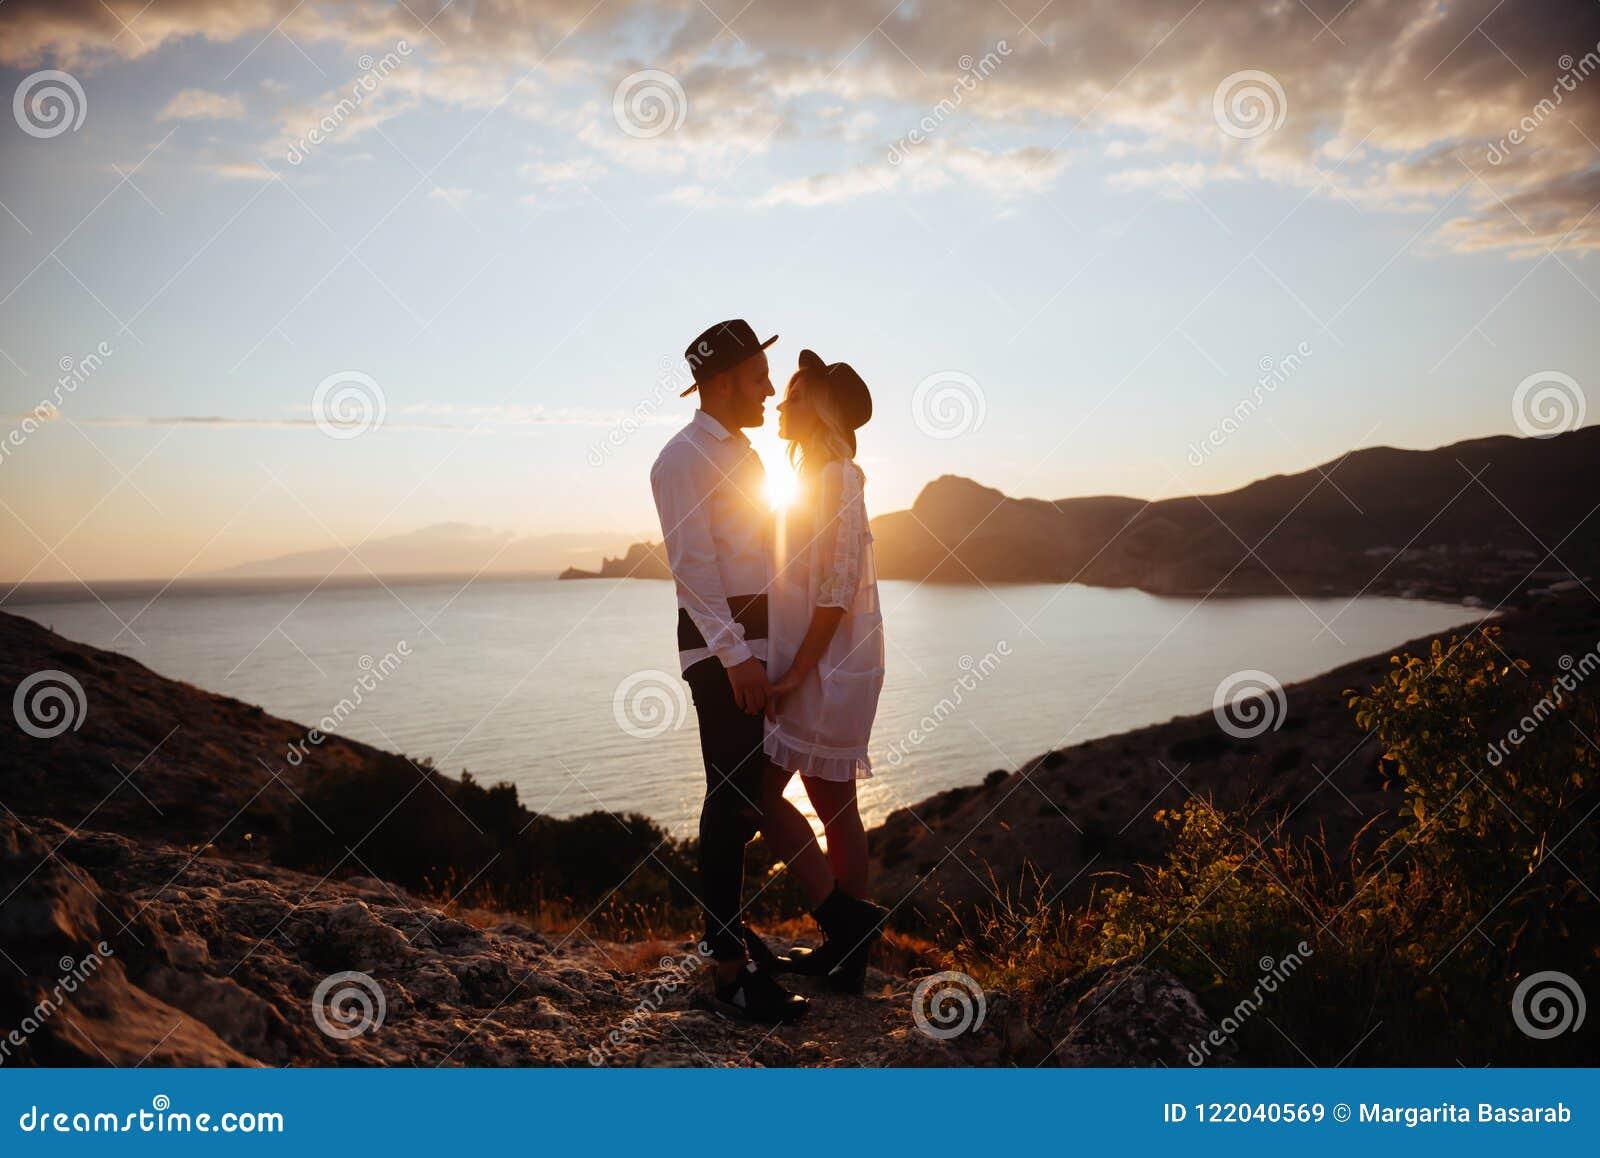 Historia de amor en puesta del sol